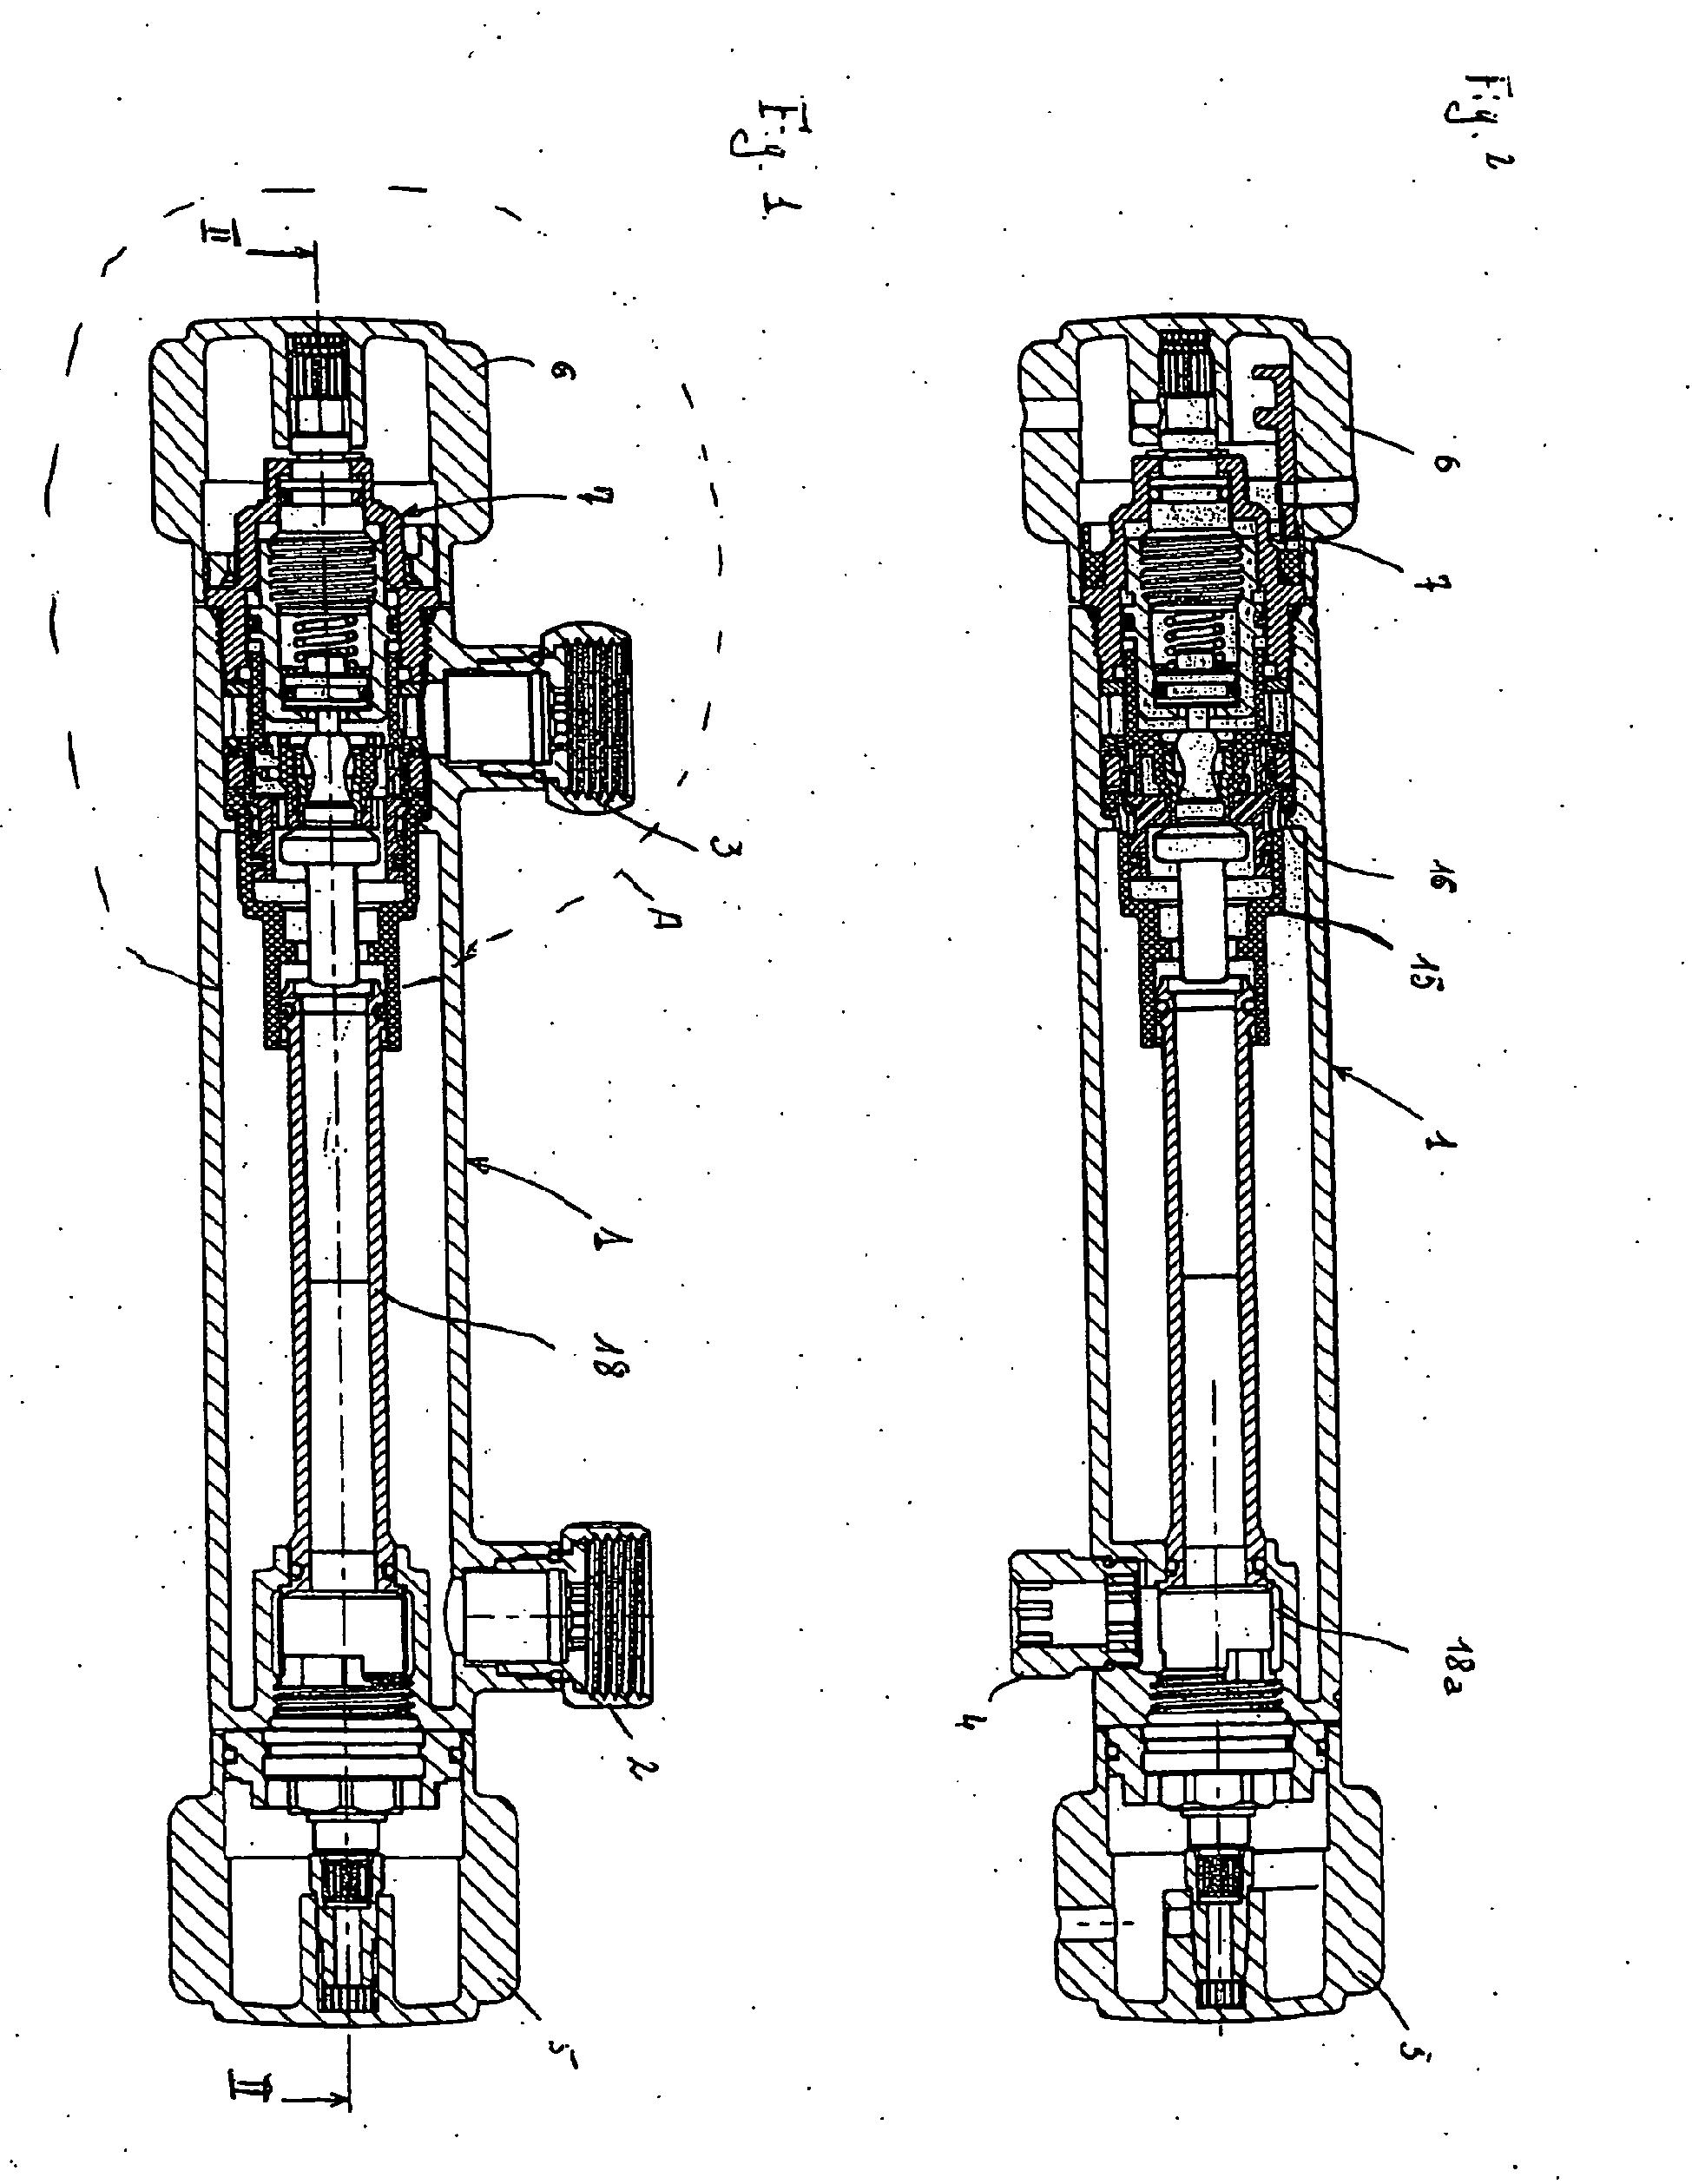 Coupe d 39 un robinet thermostatique - Fonctionnement d un robinet thermostatique ...